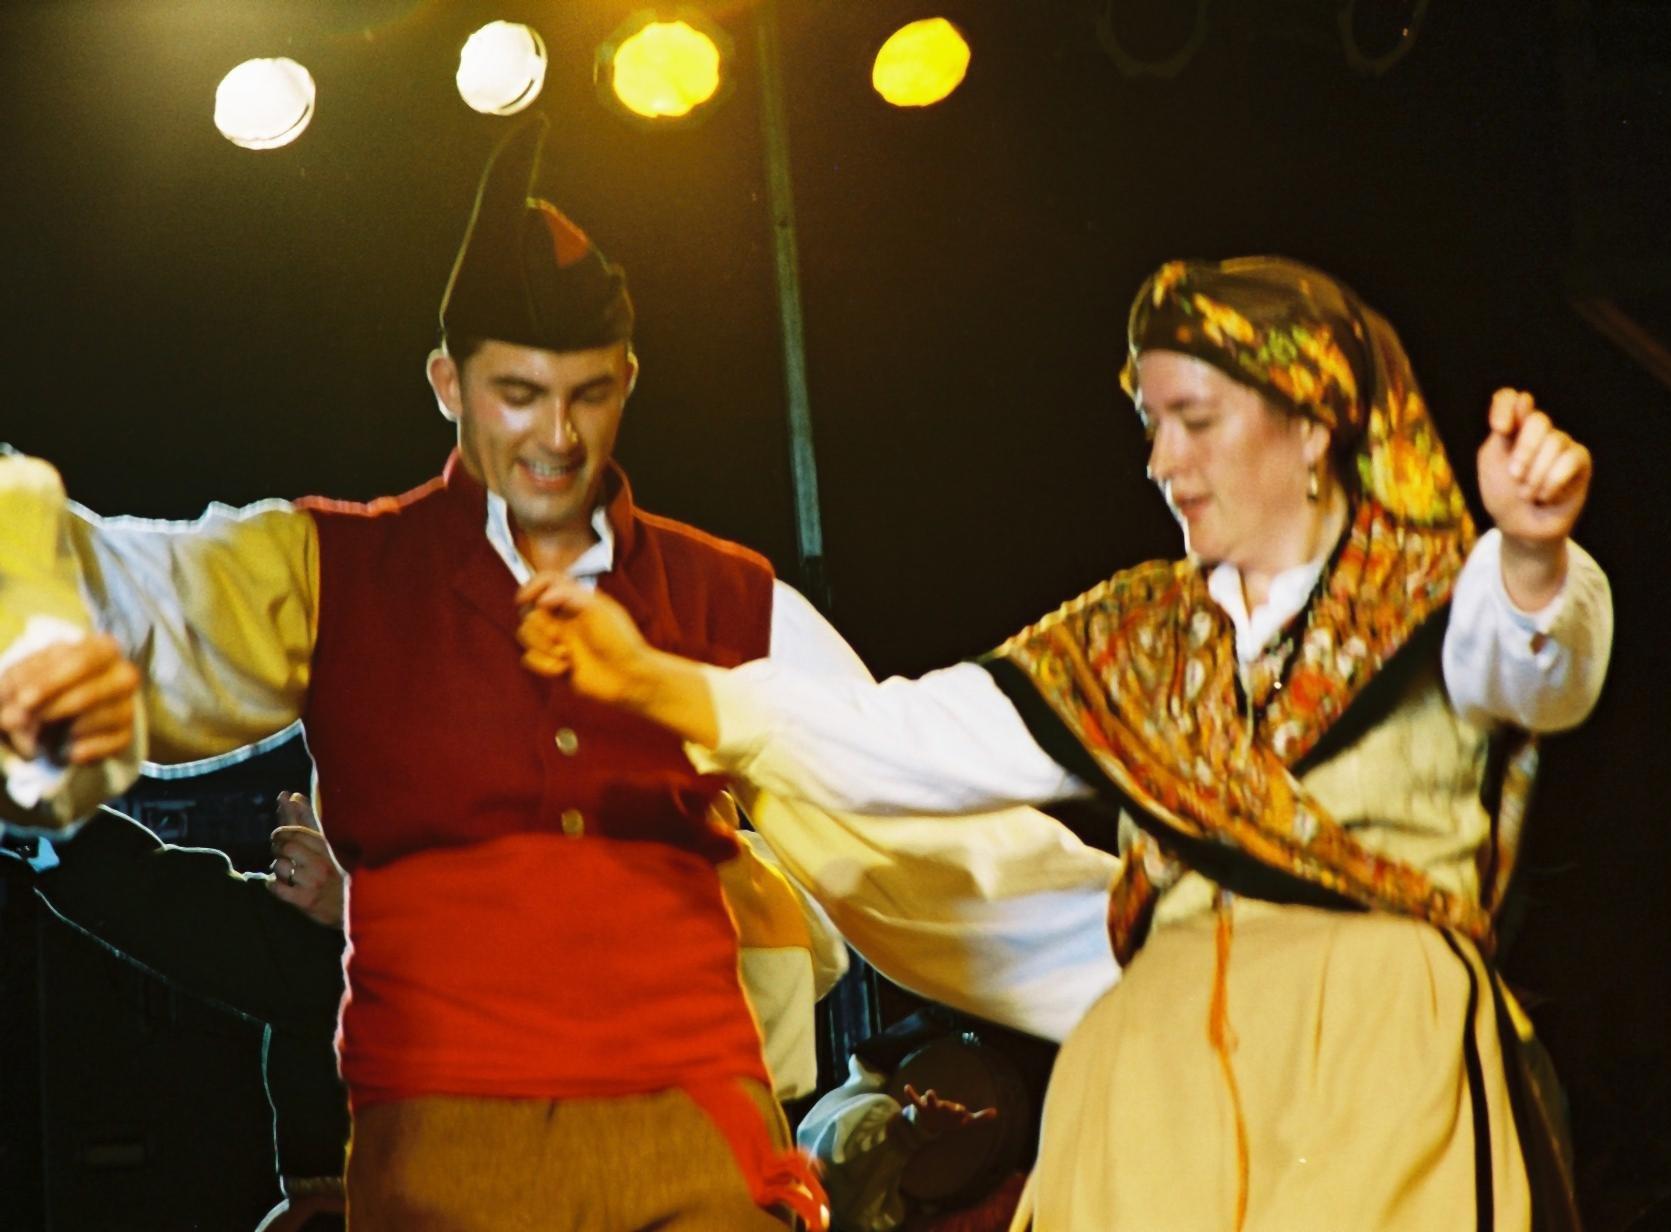 Pareja de baile tradicional asturiano.